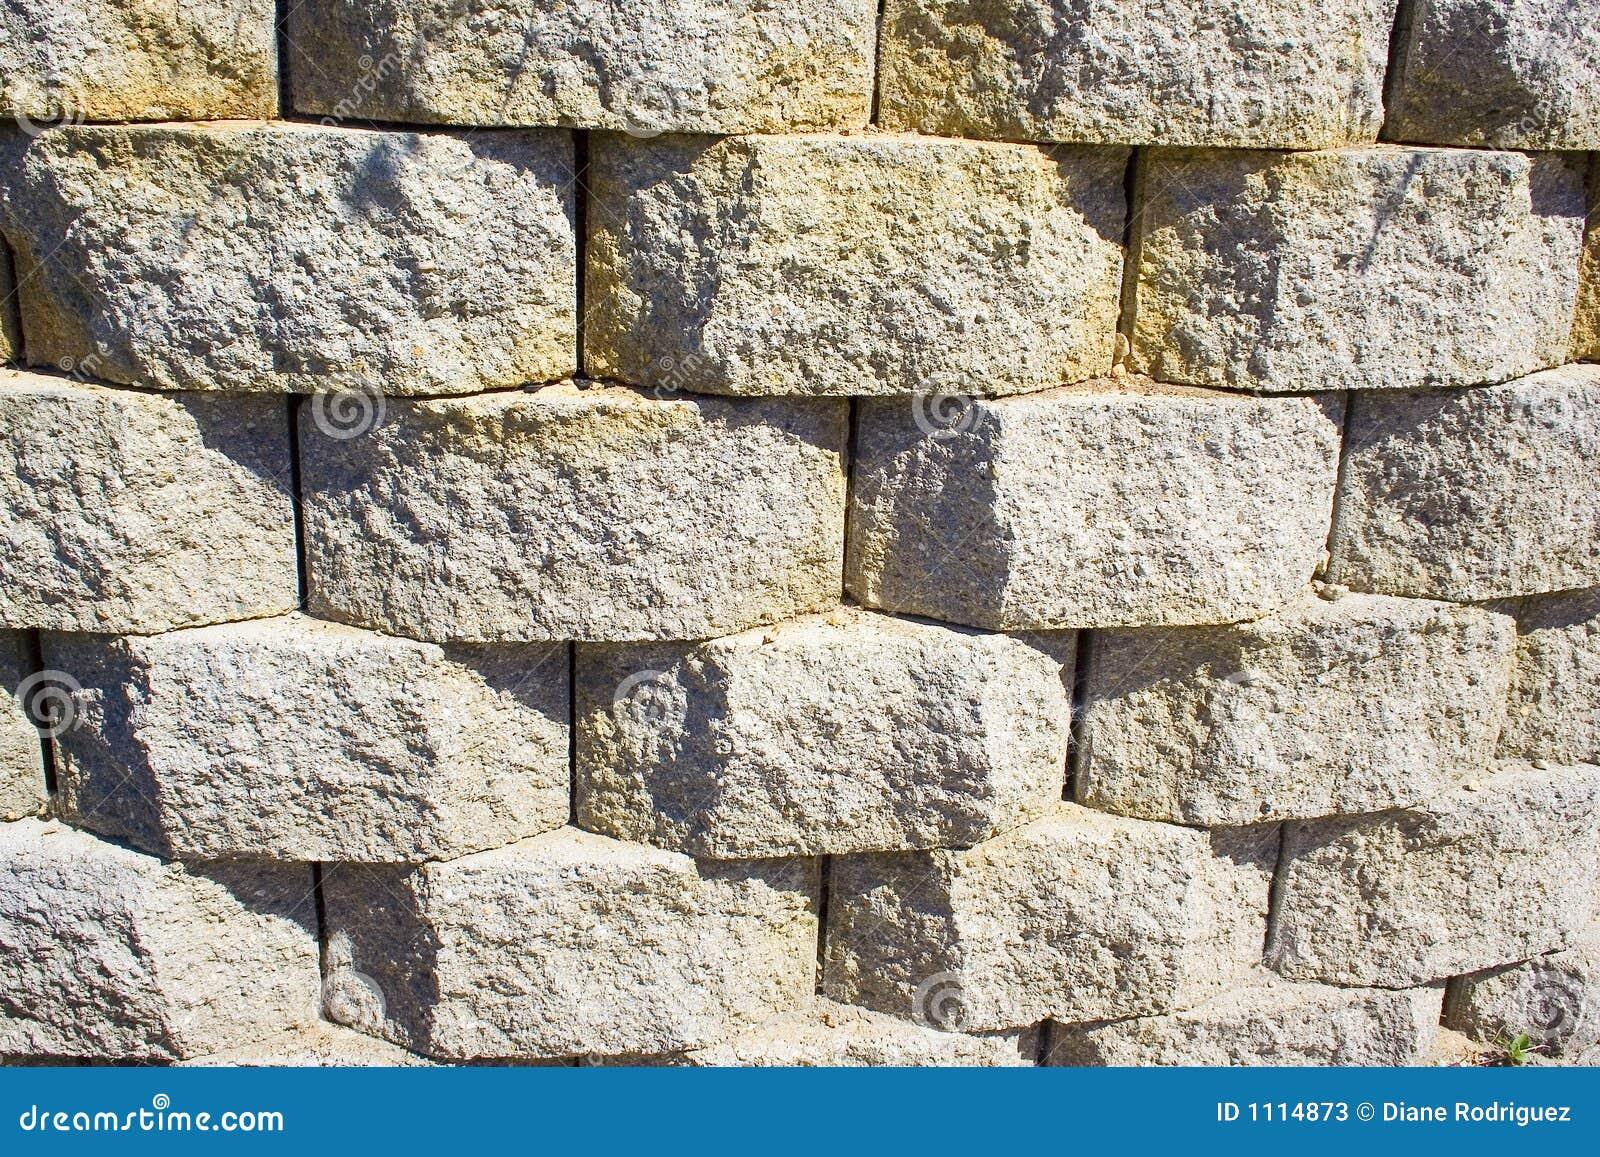 Pared de piedra tridimensional imagen de archivo imagen for Papel para pared imitacion piedra